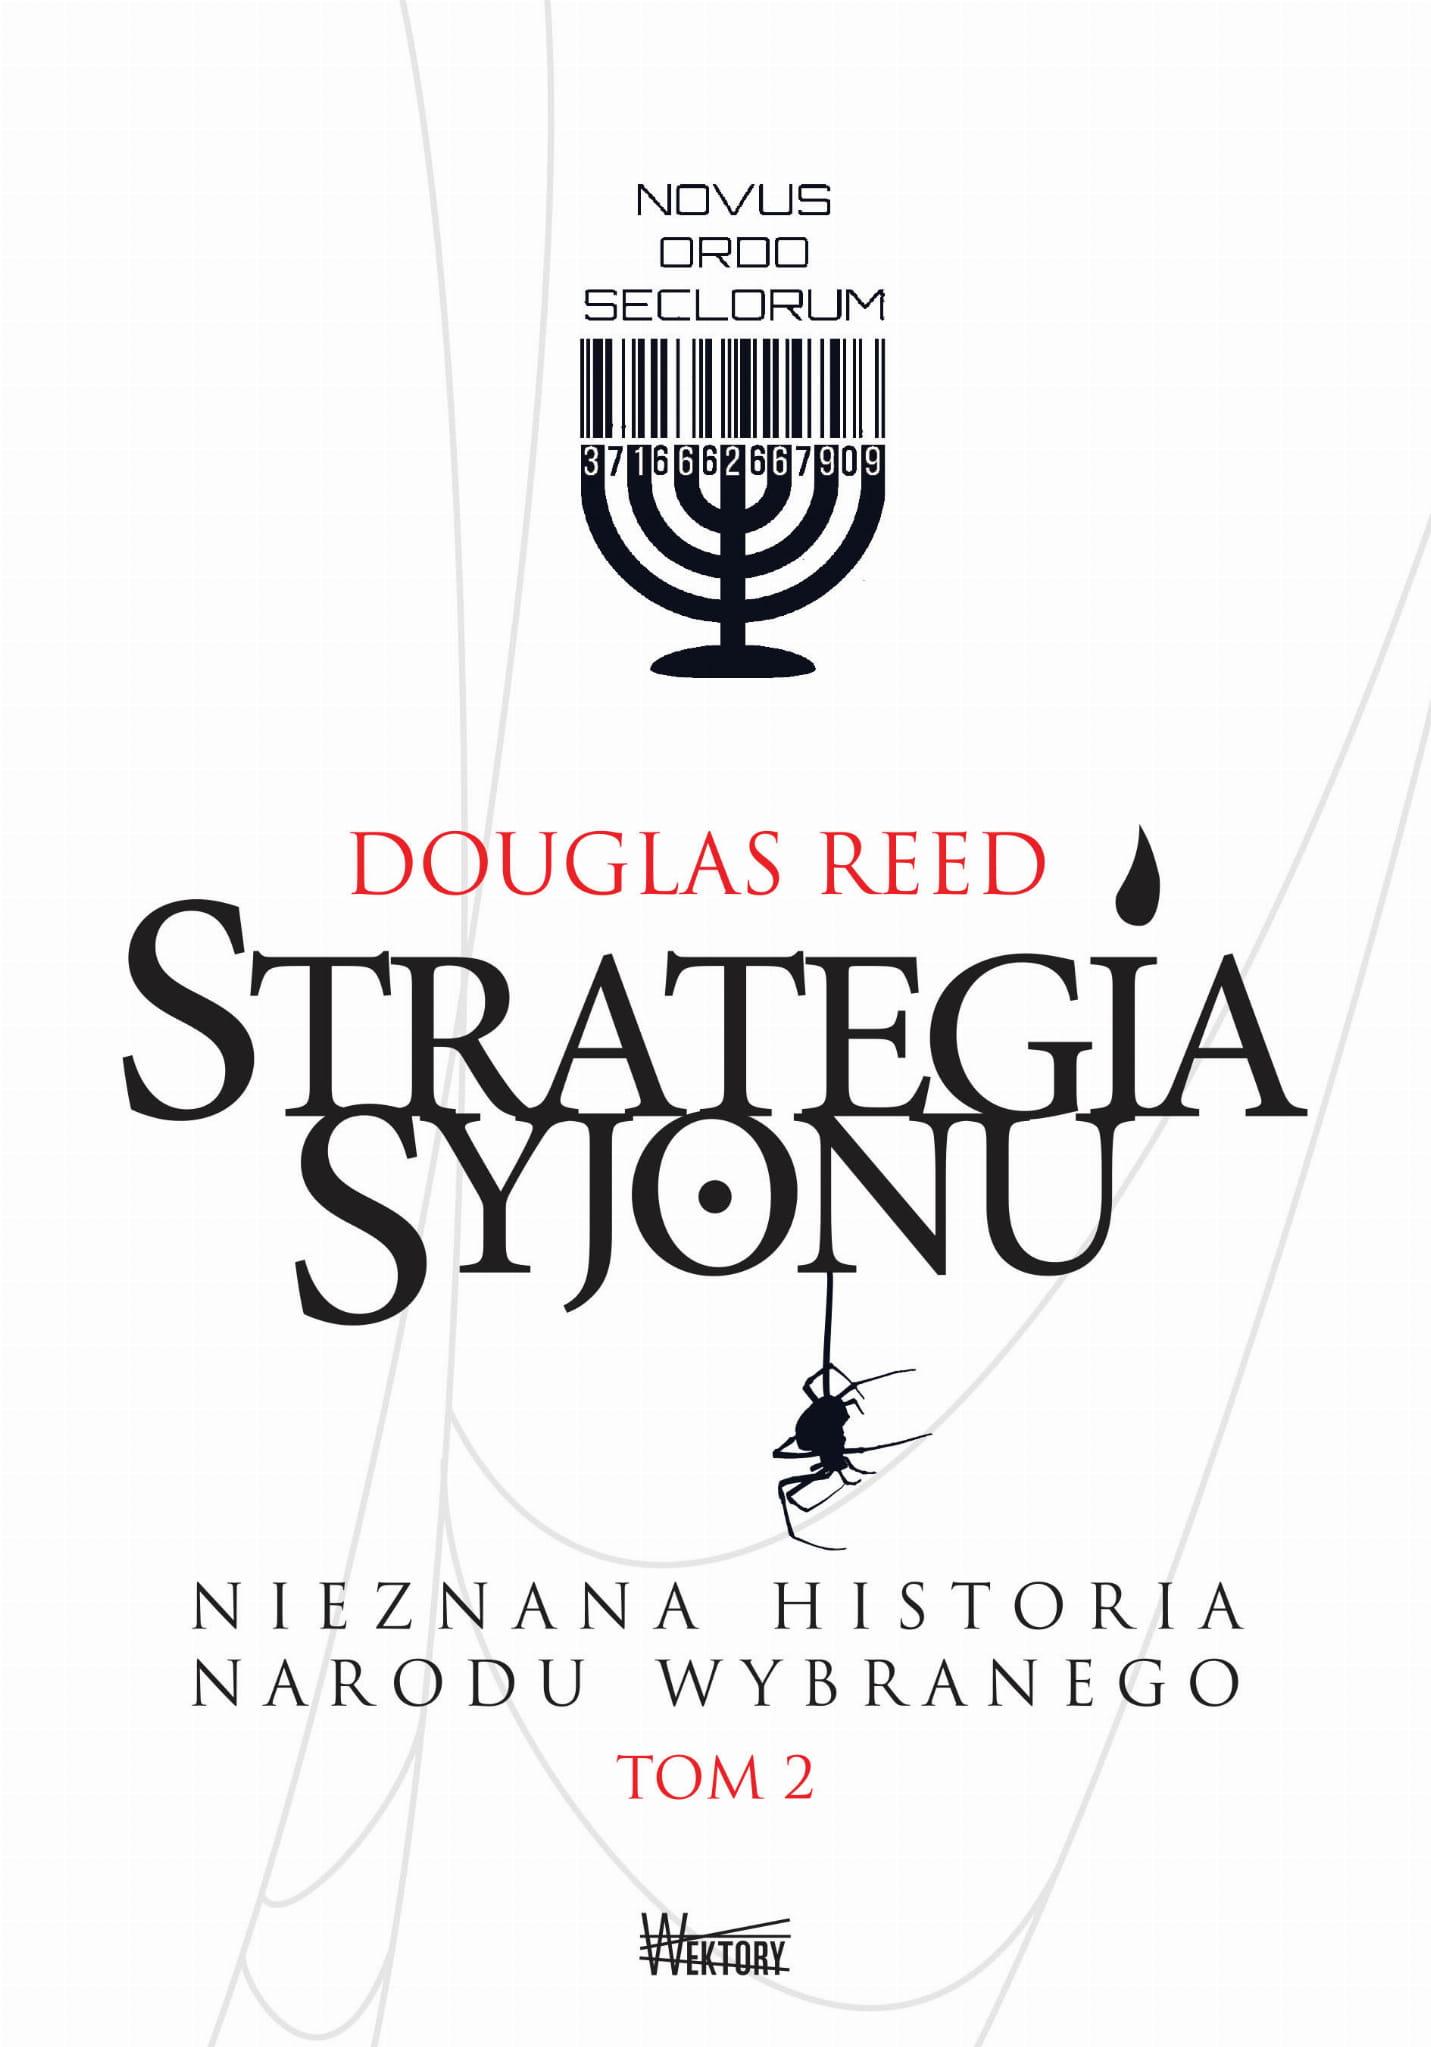 Strategia Syjonu Nieznana historia narodu wybranego Tom II (miękka oprawa) - Douglas Reed